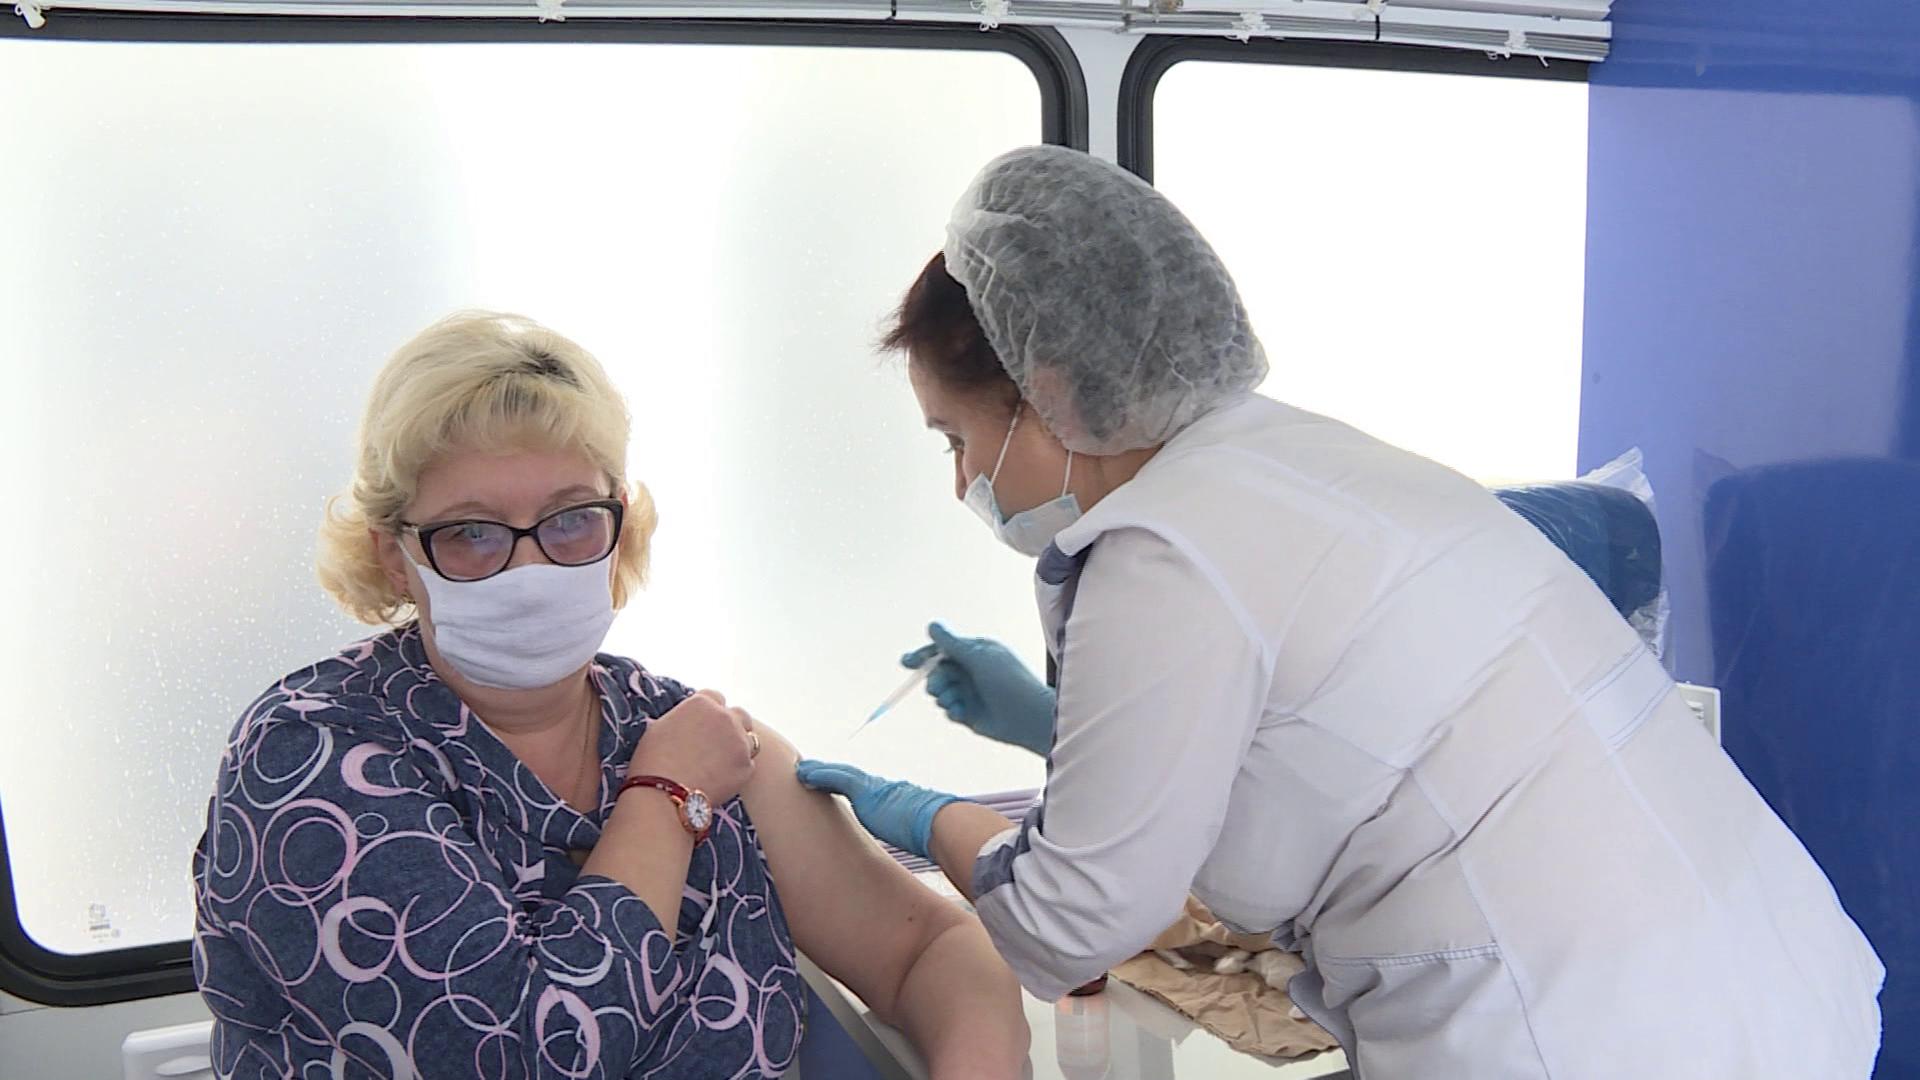 Привиться от коронавируса без предварительной записи в Костроме будет возможно 8 и 10 мая